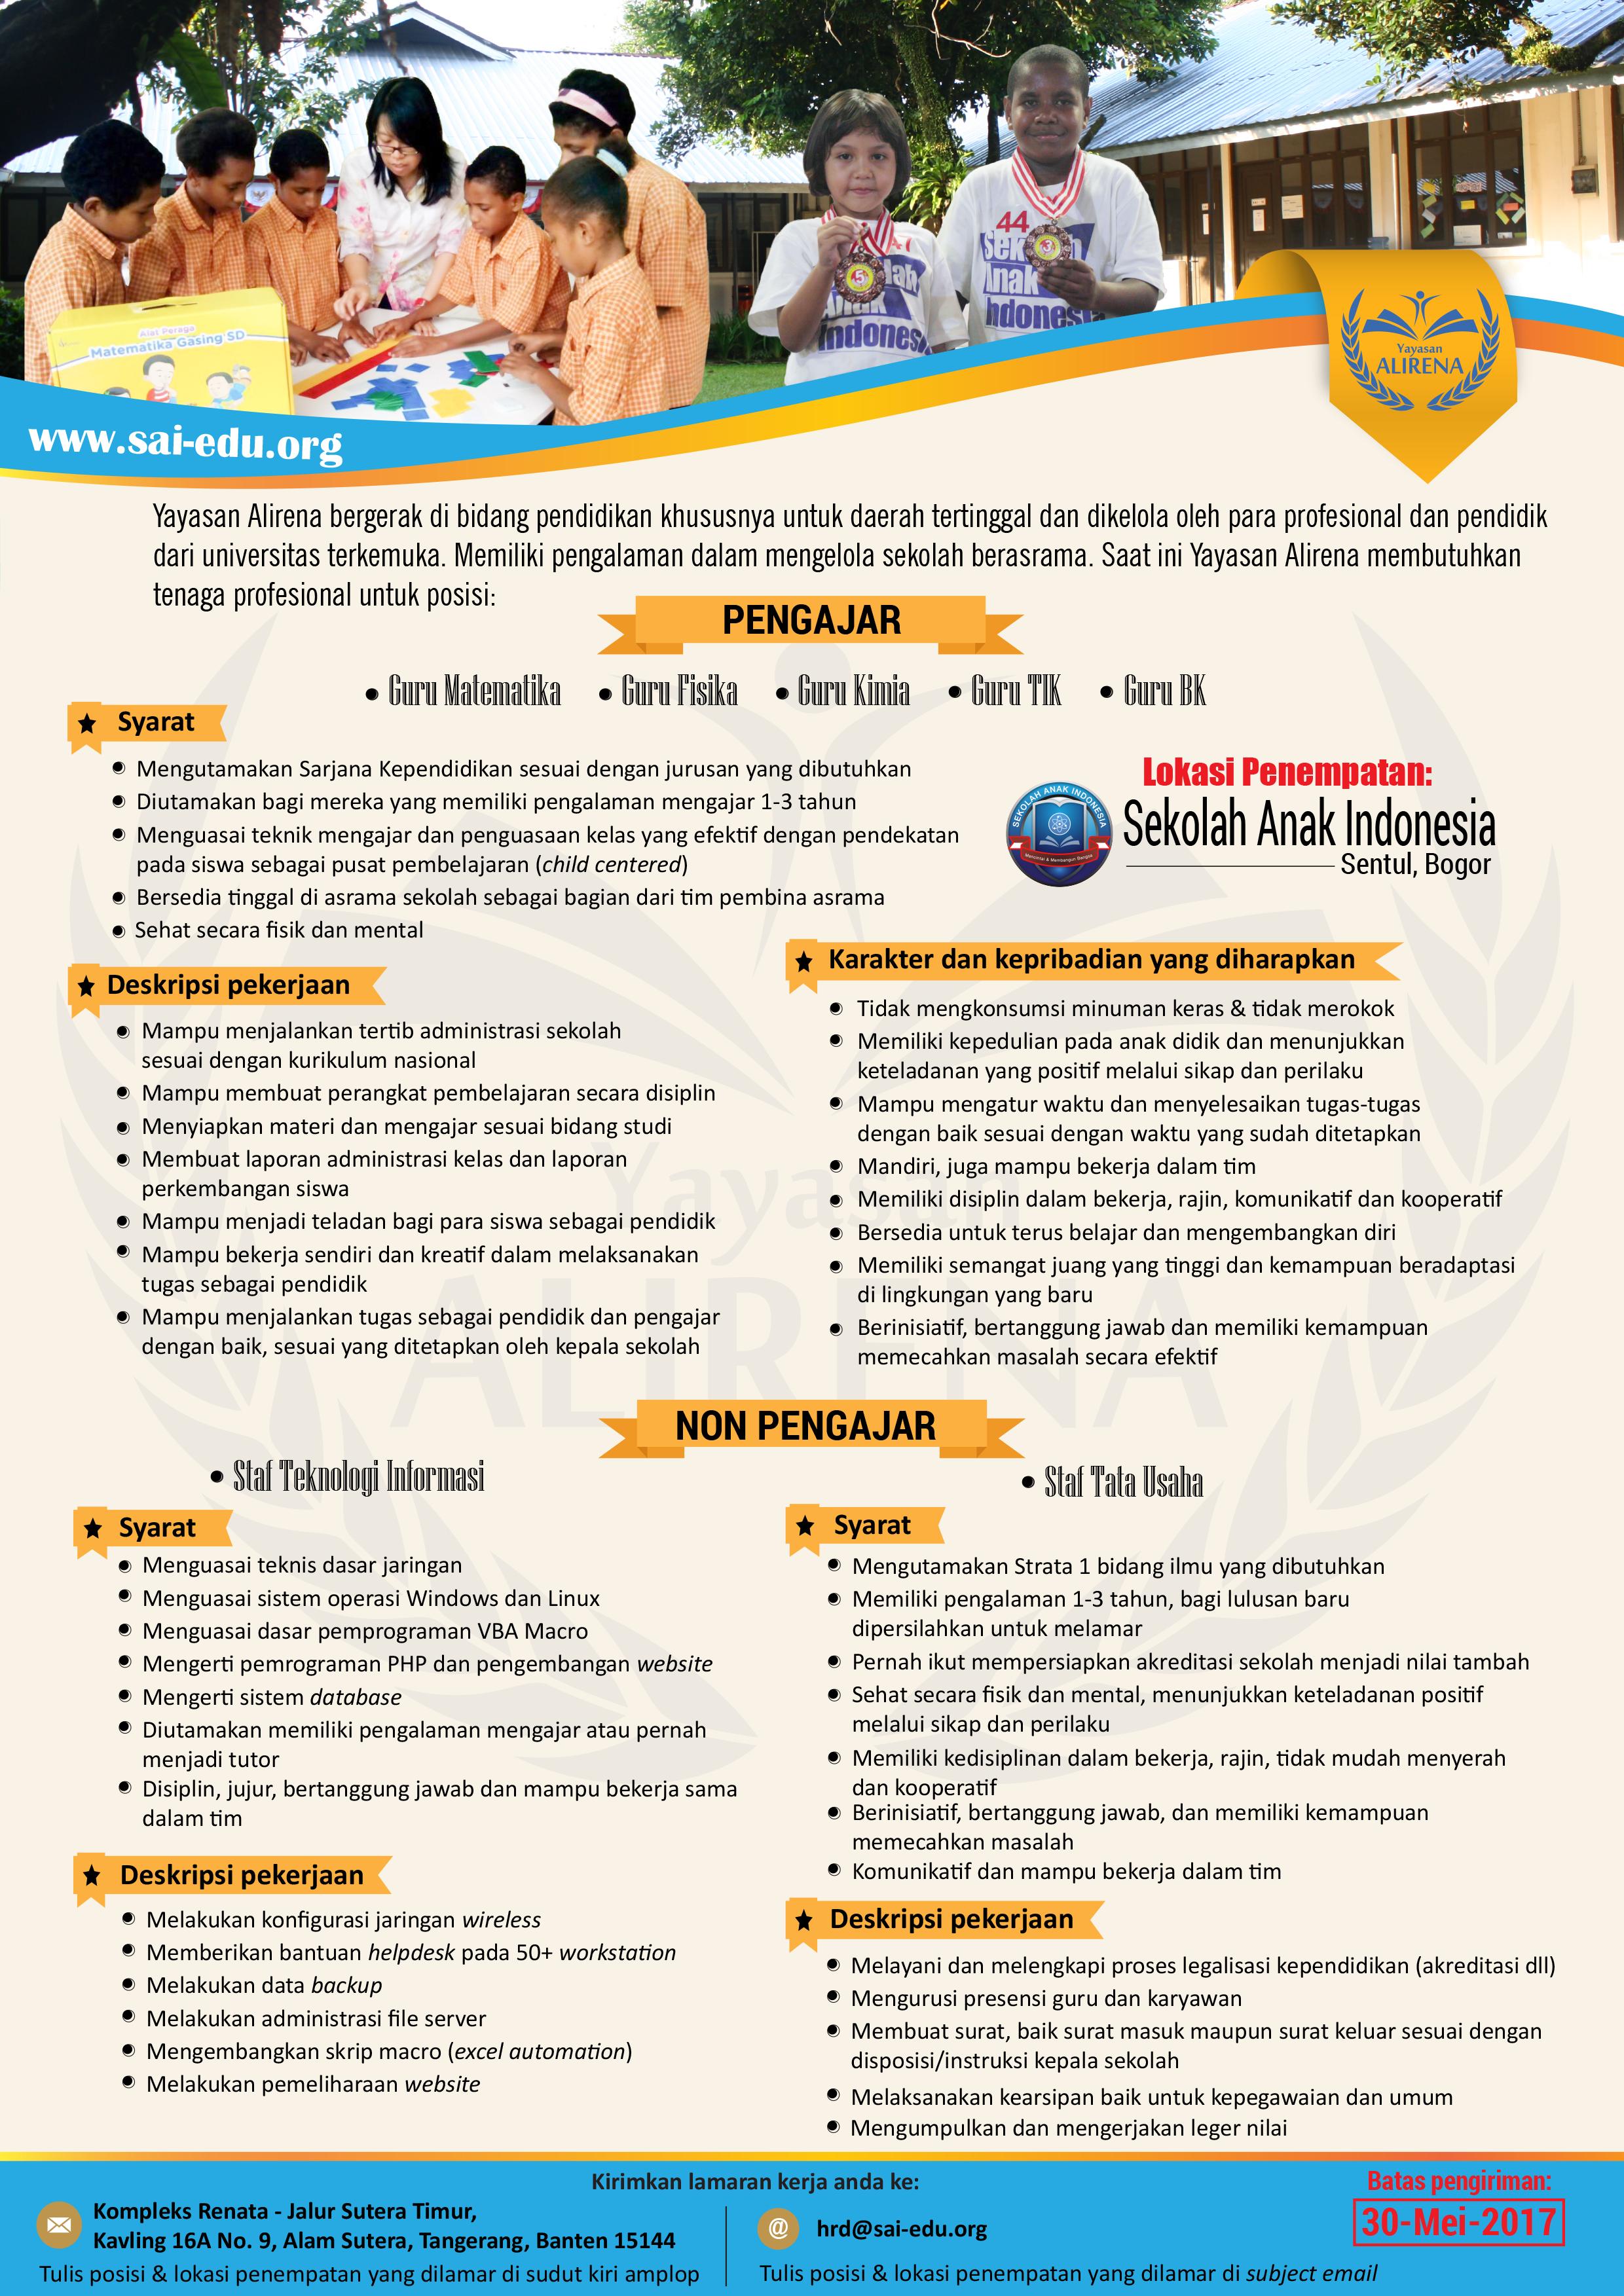 Info Lowongan Kerja Sekolah Anak Indonesia - Bogor